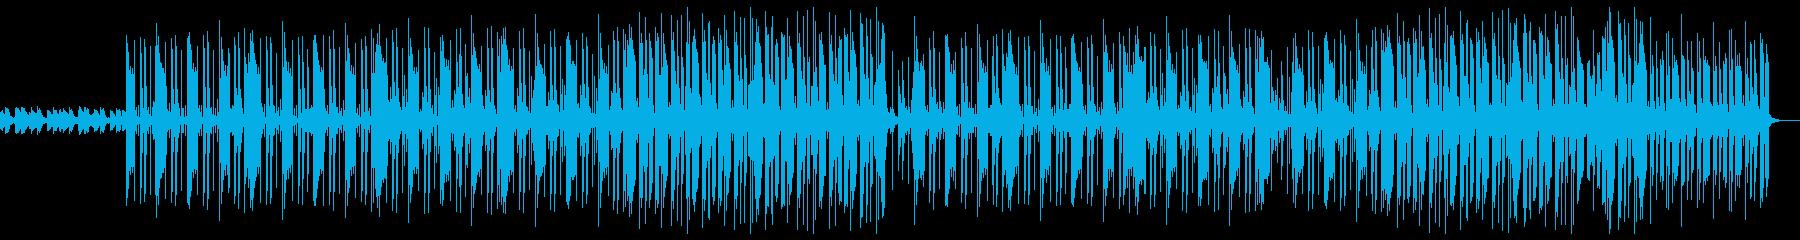 ダーク トラップビートの再生済みの波形